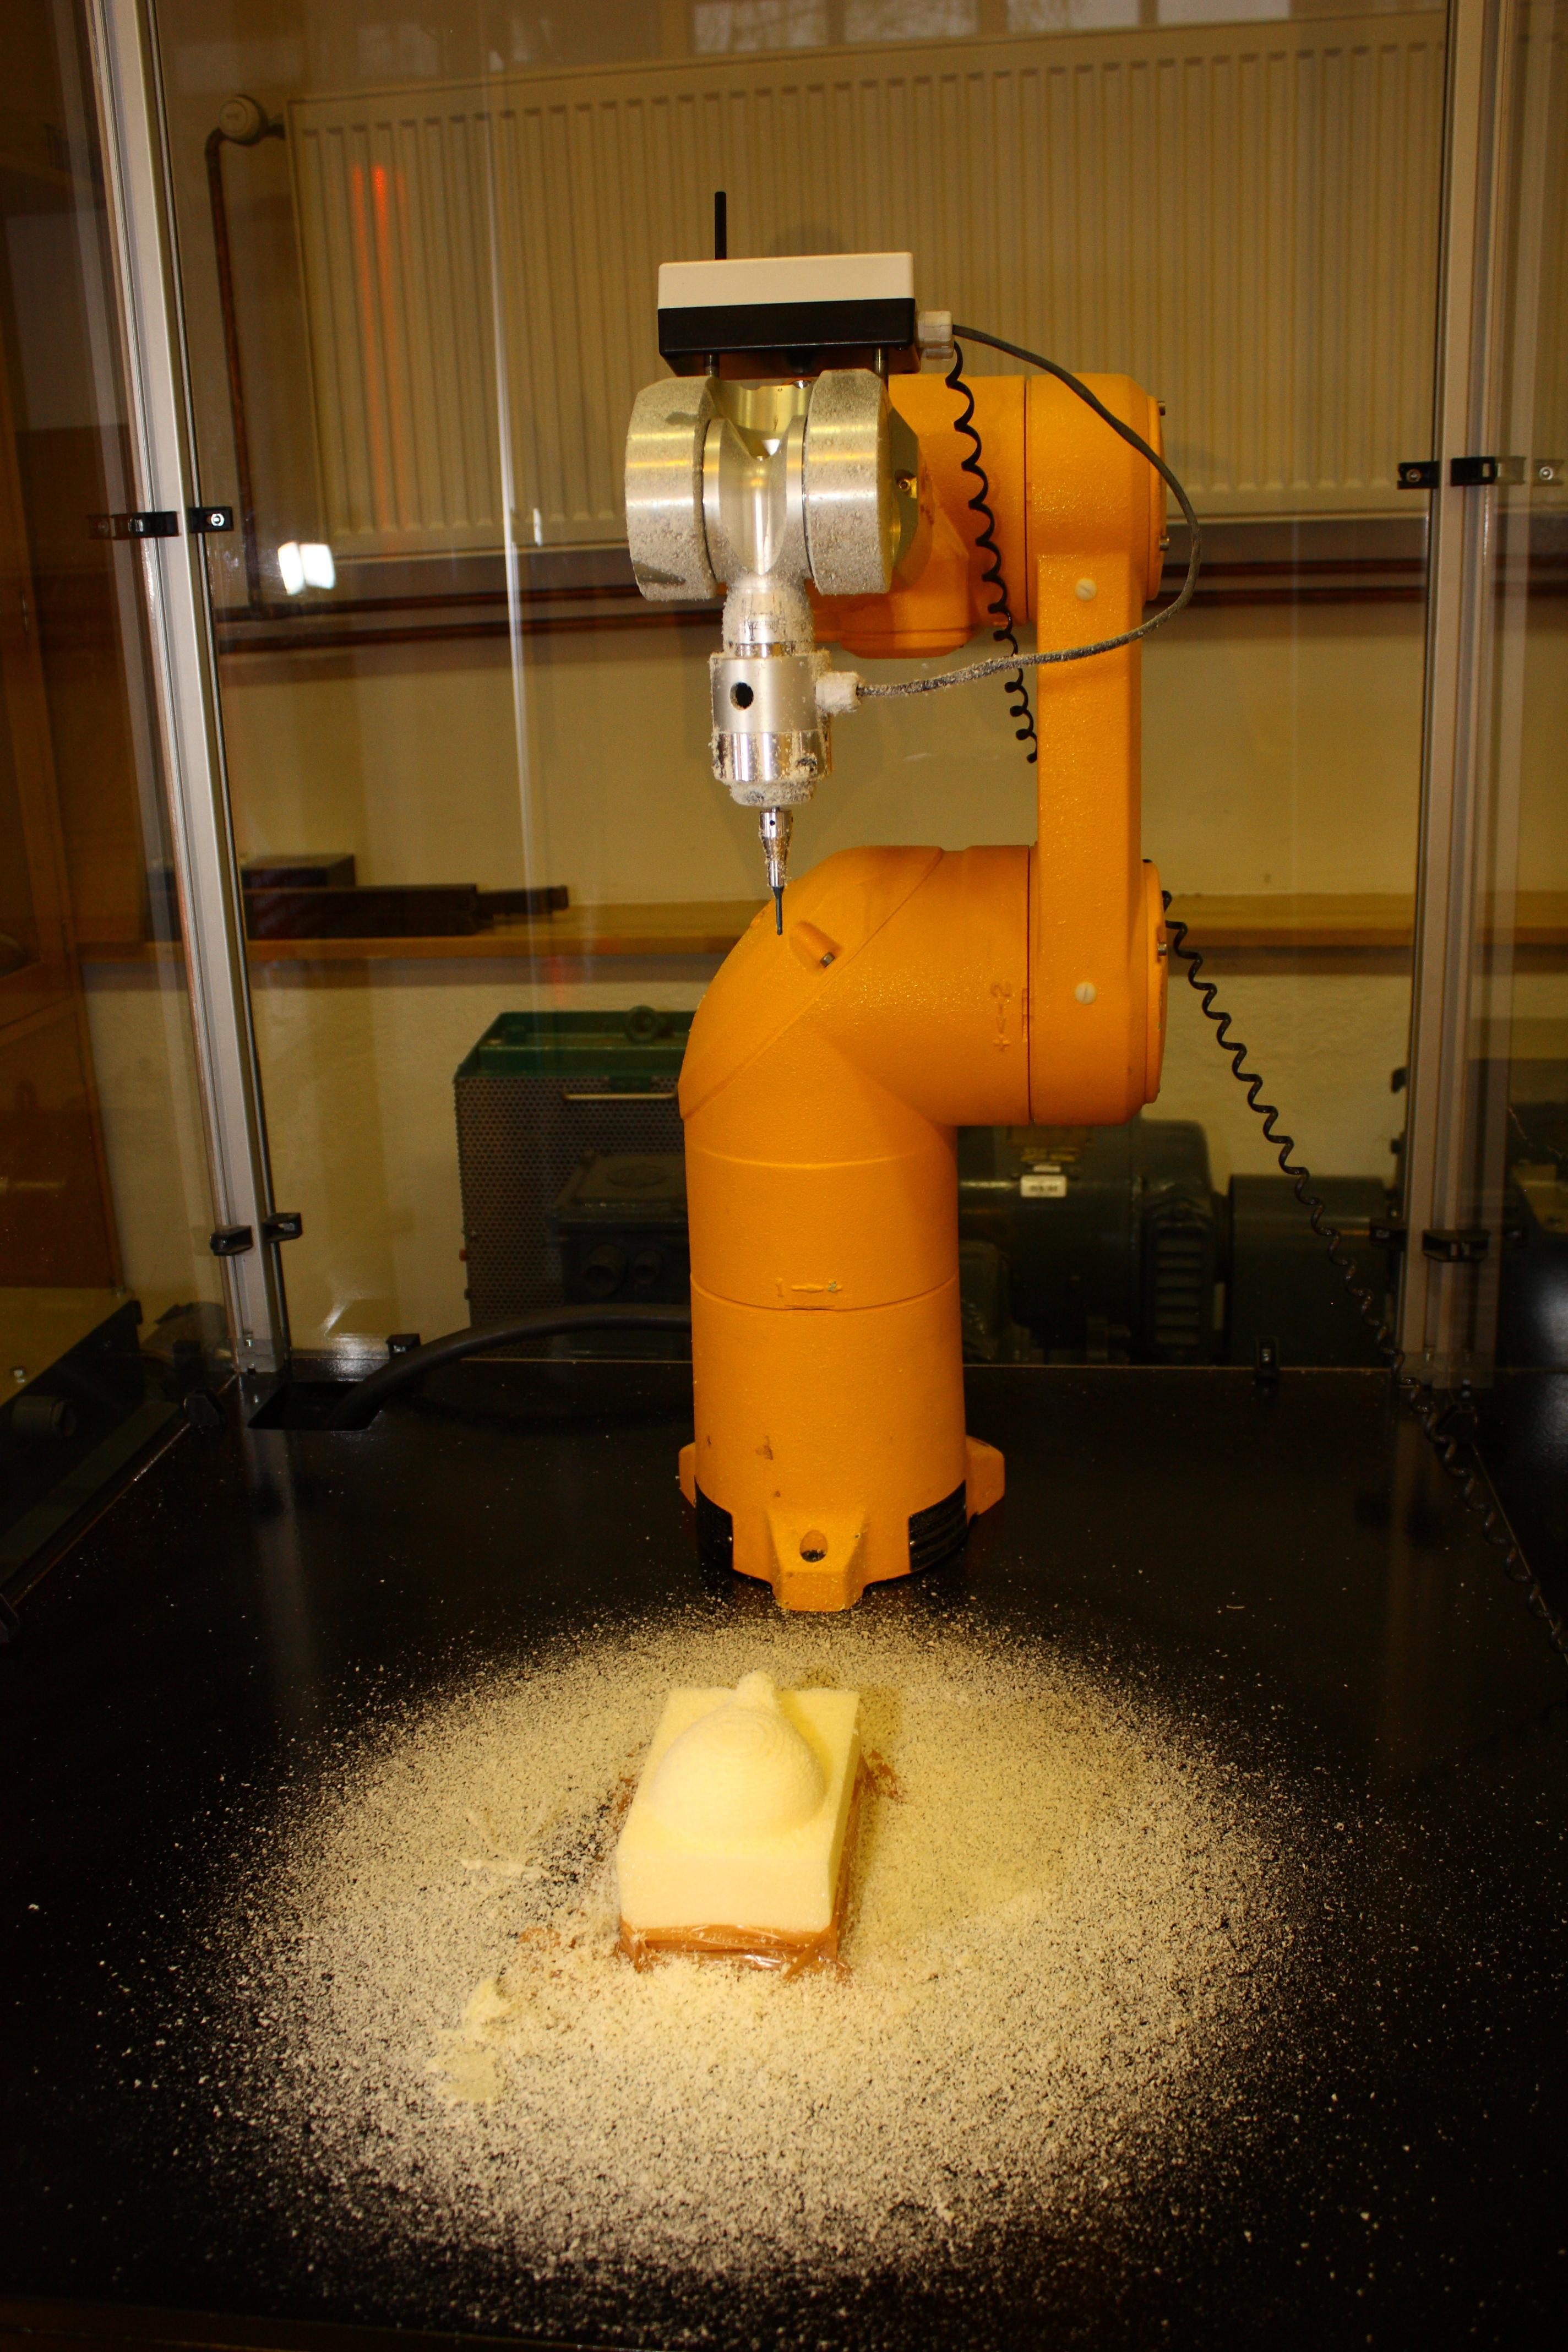 Študentje robotike na Fakulteti za elektrotehniko tudi letos organizirajo dogodek Dnevi industrijske robotike.